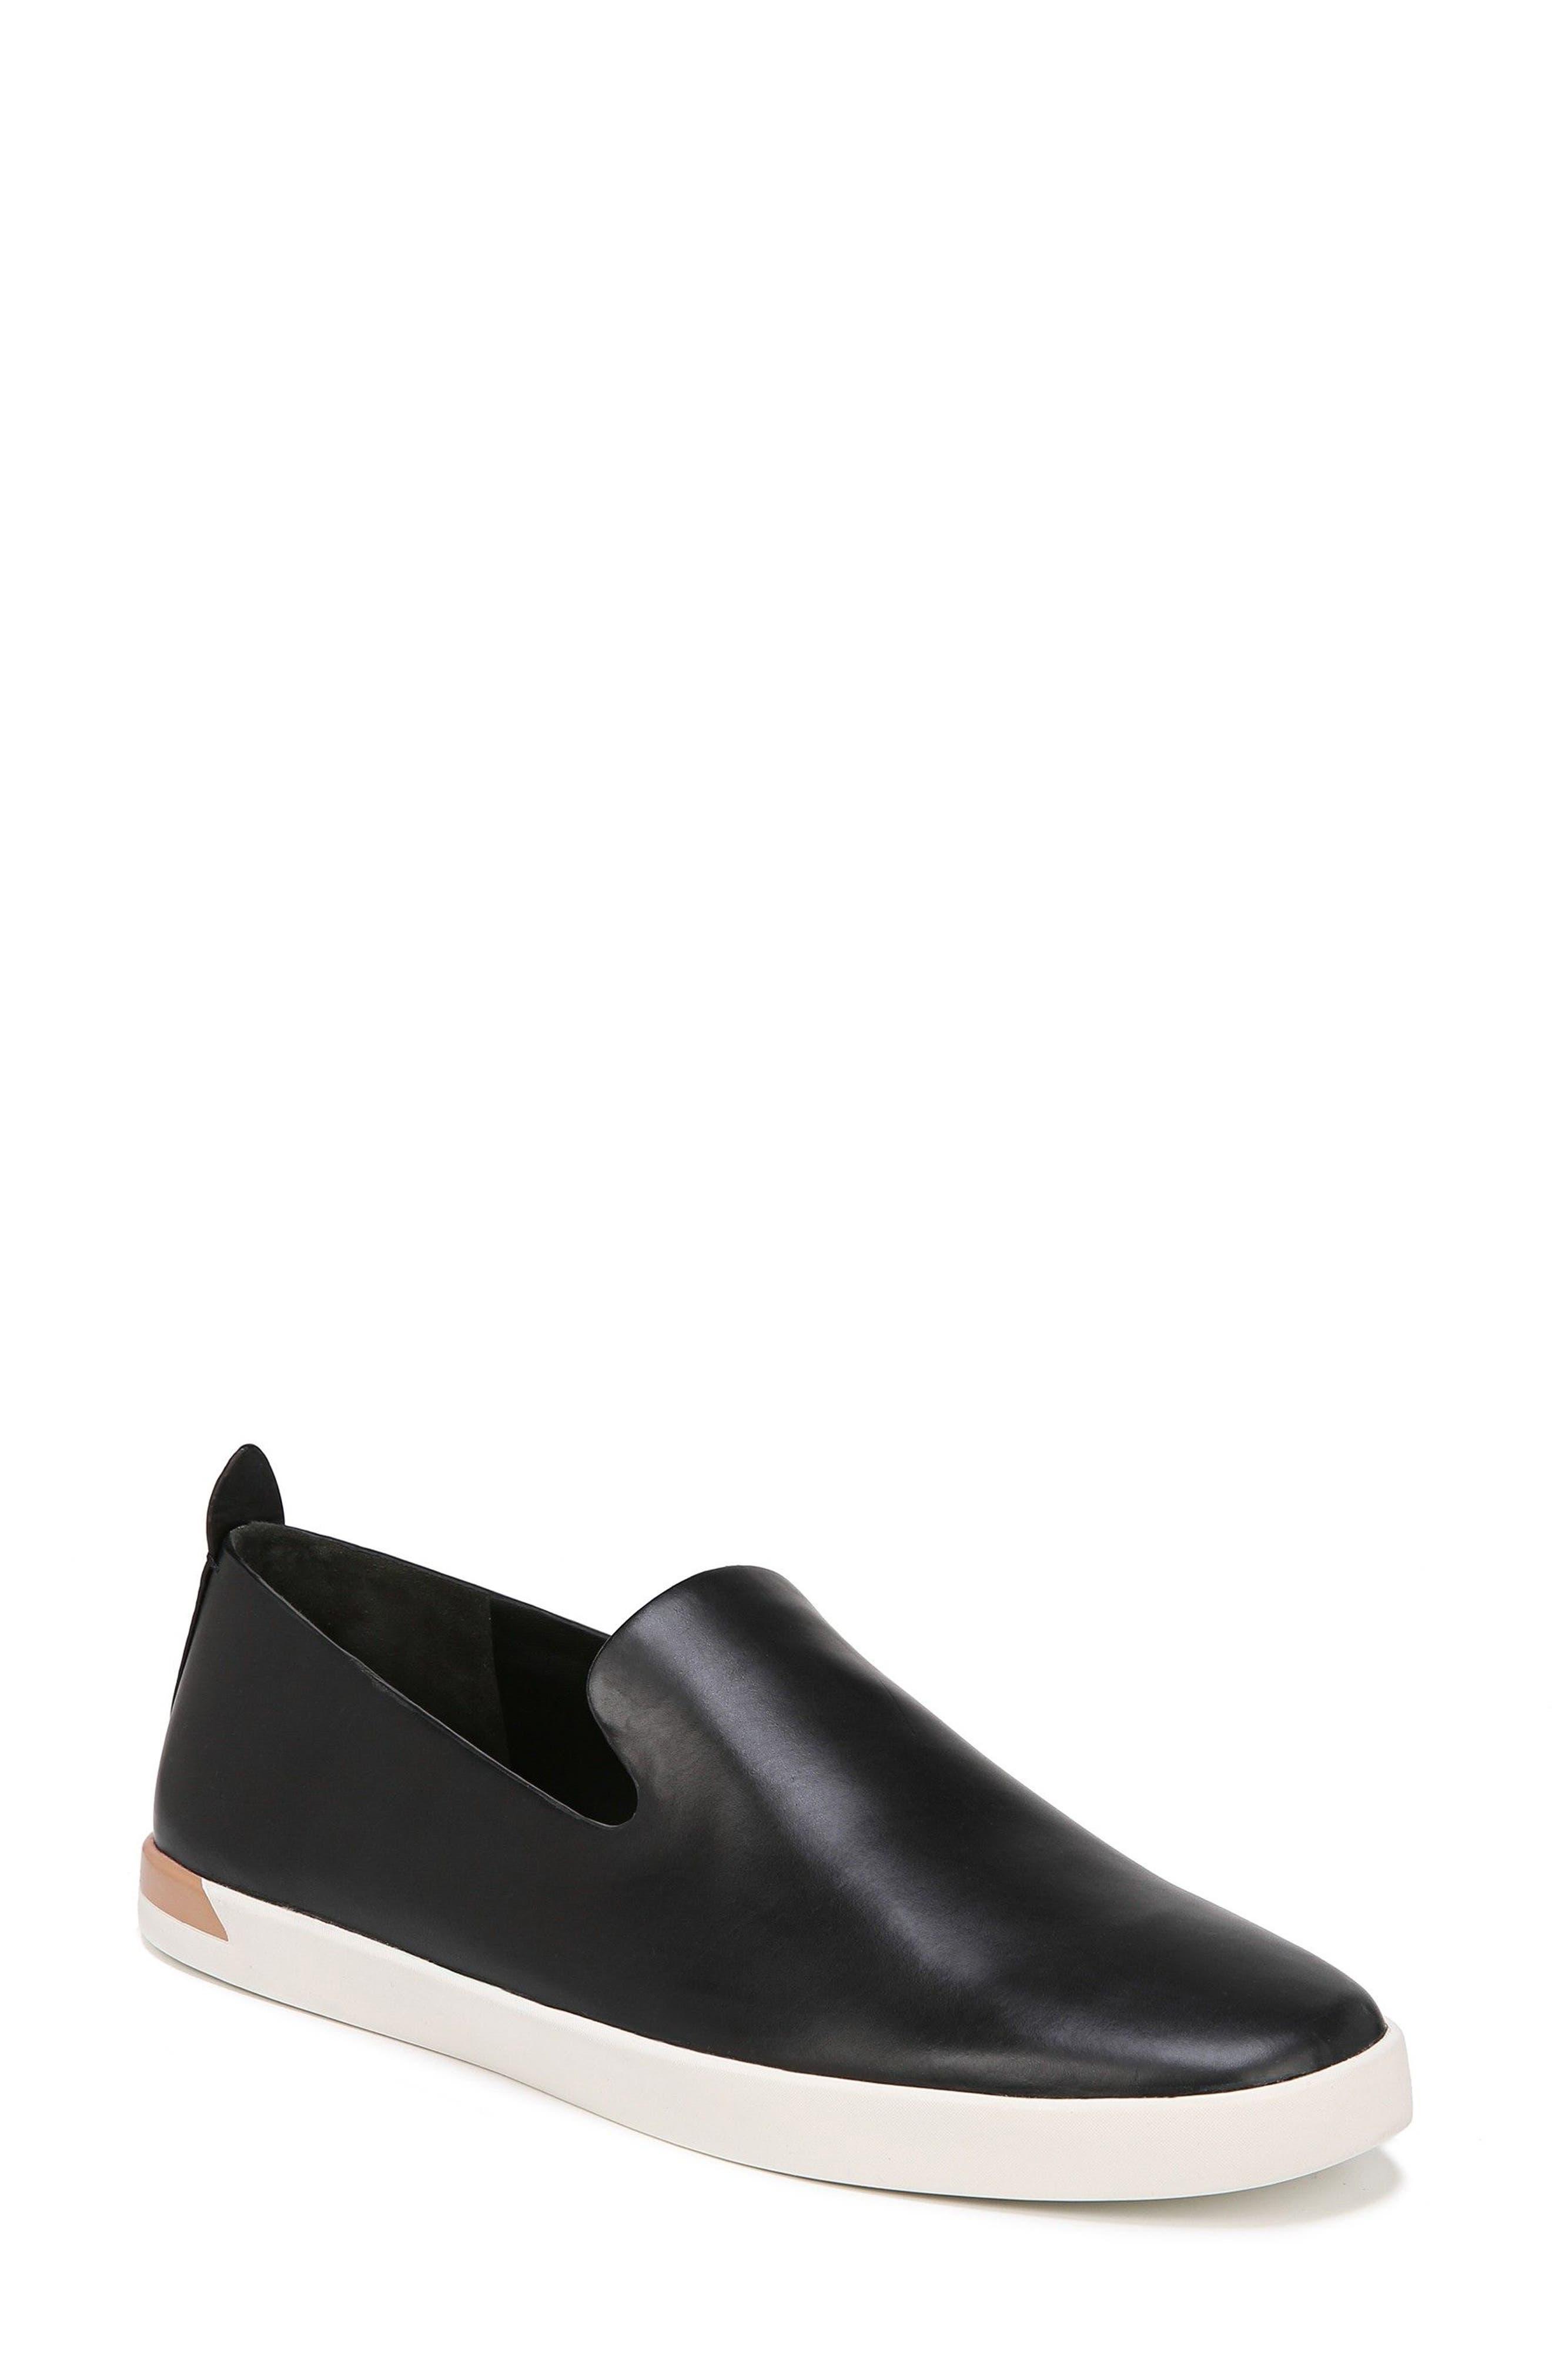 Vero Sneaker,                         Main,                         color, Black Leather